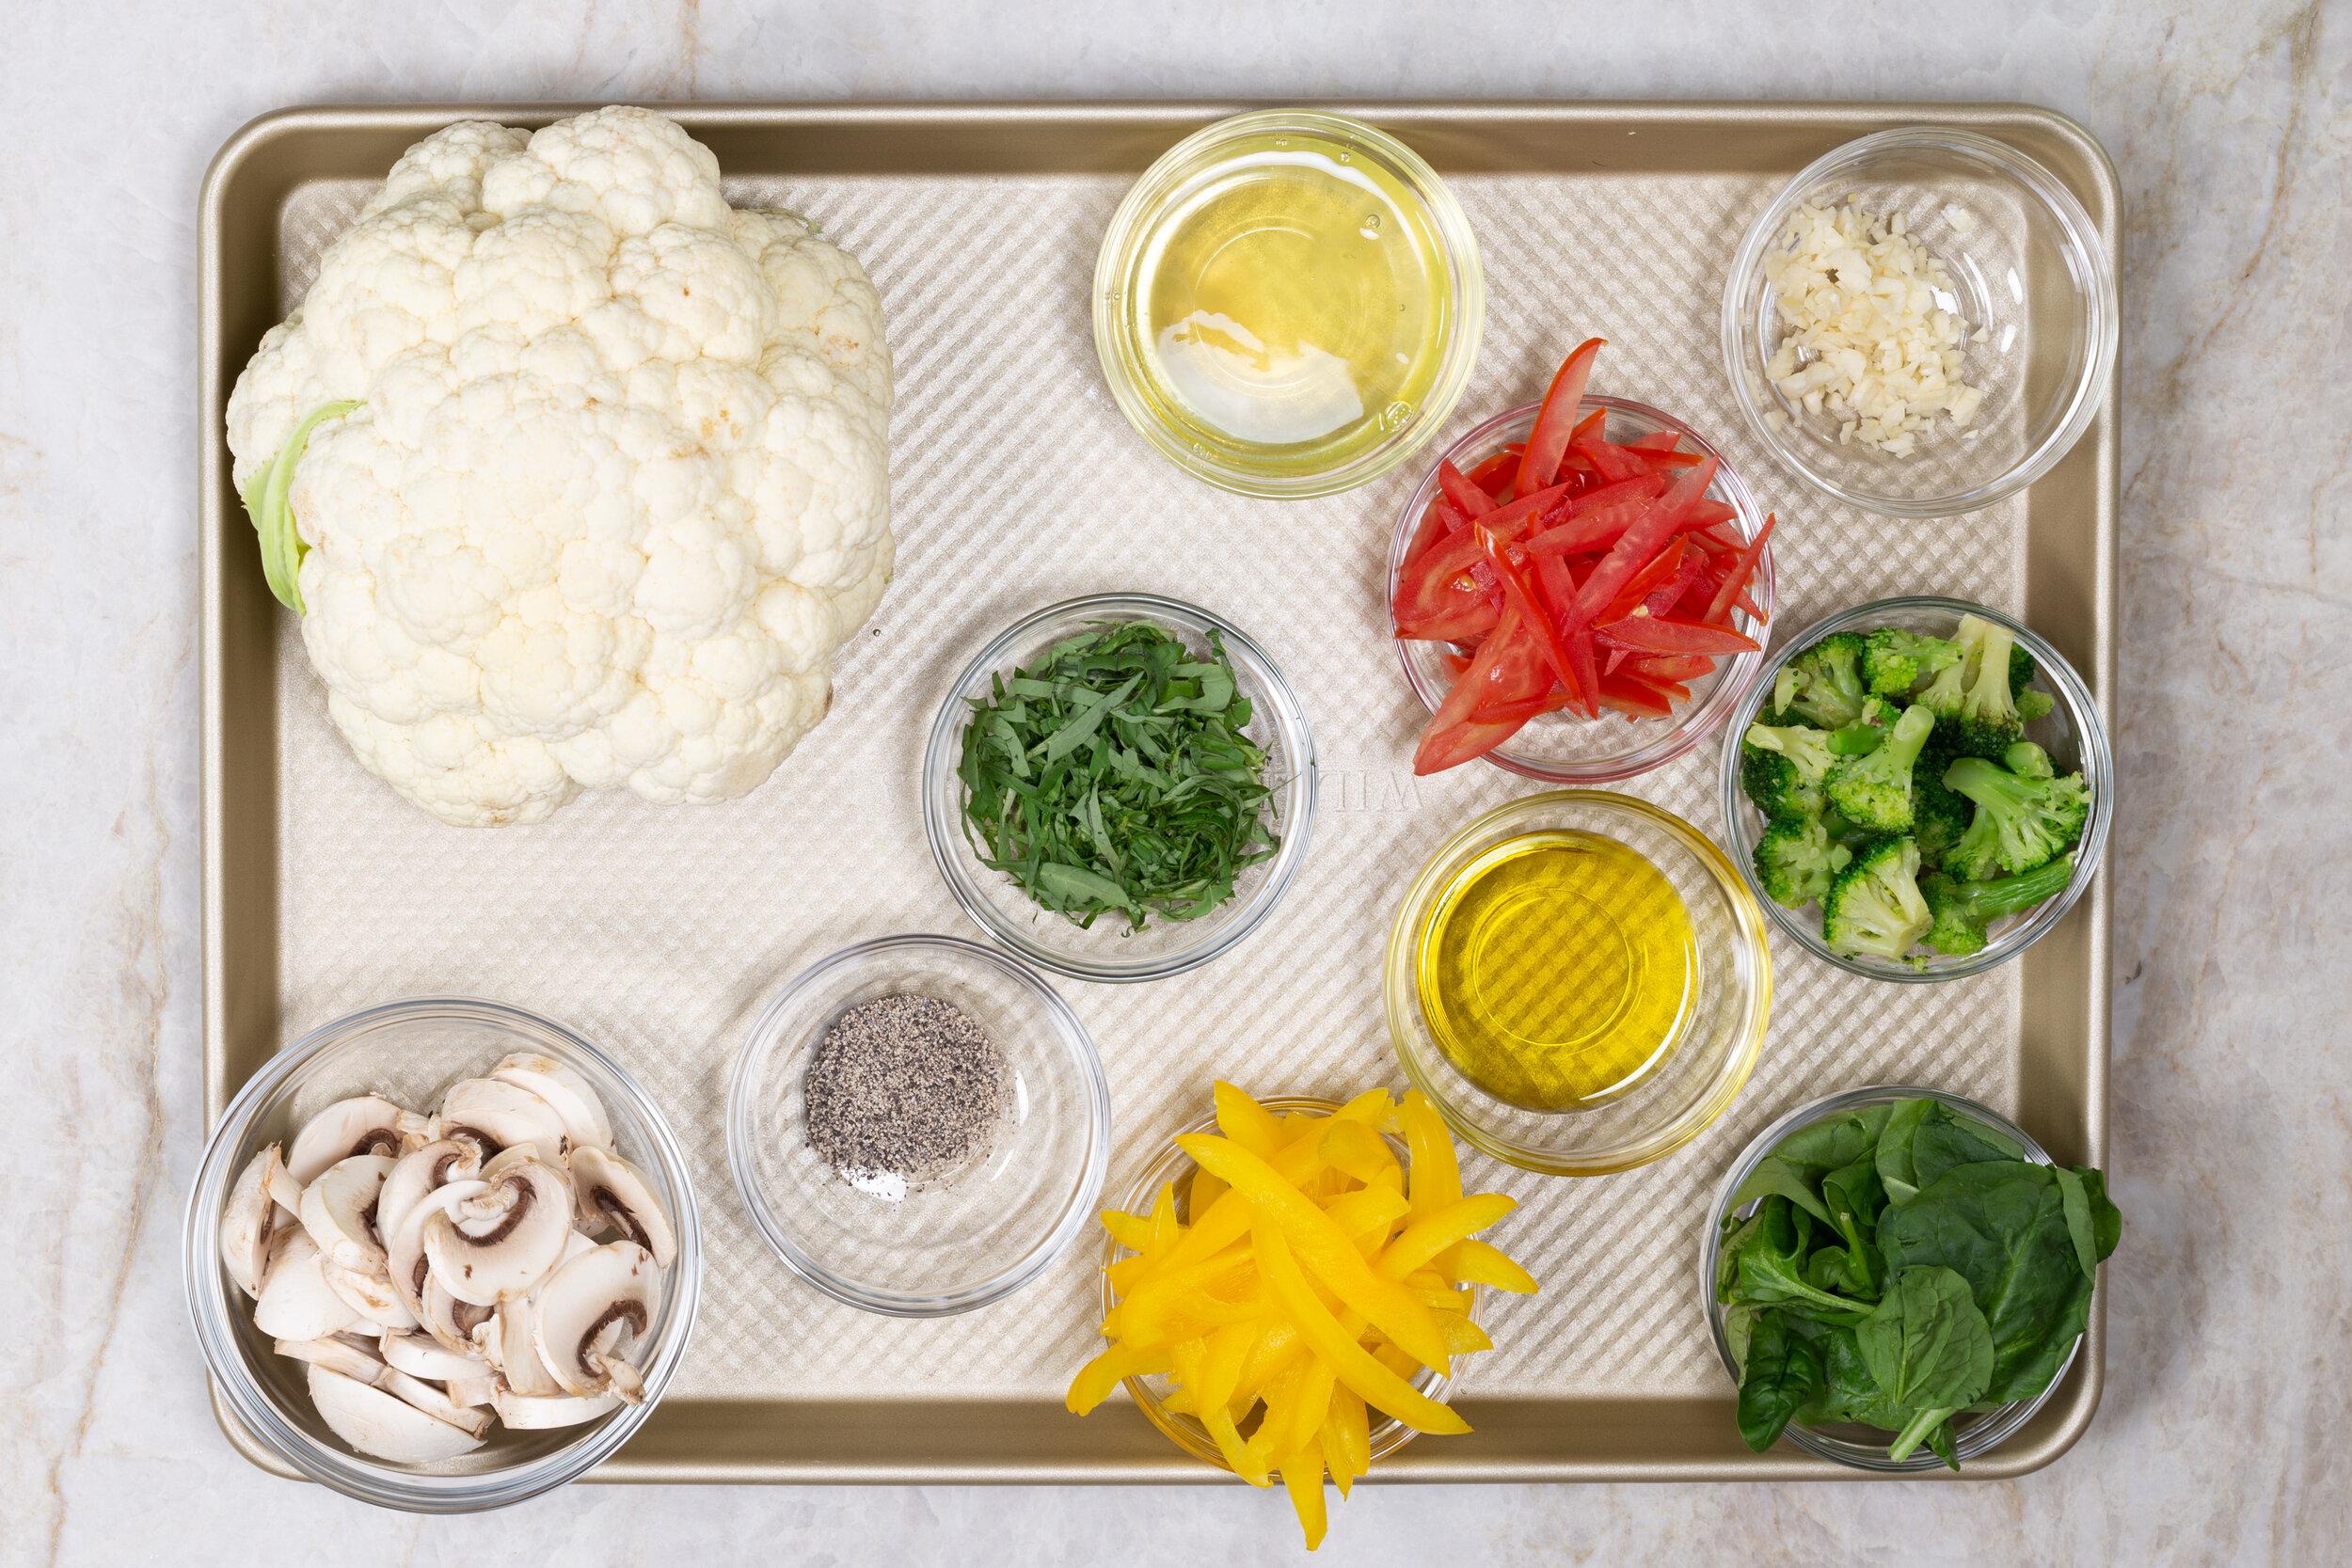 Karina Heinrich_Veggie Pizza with Cauliflower Crust Ingredients 2019.jpg